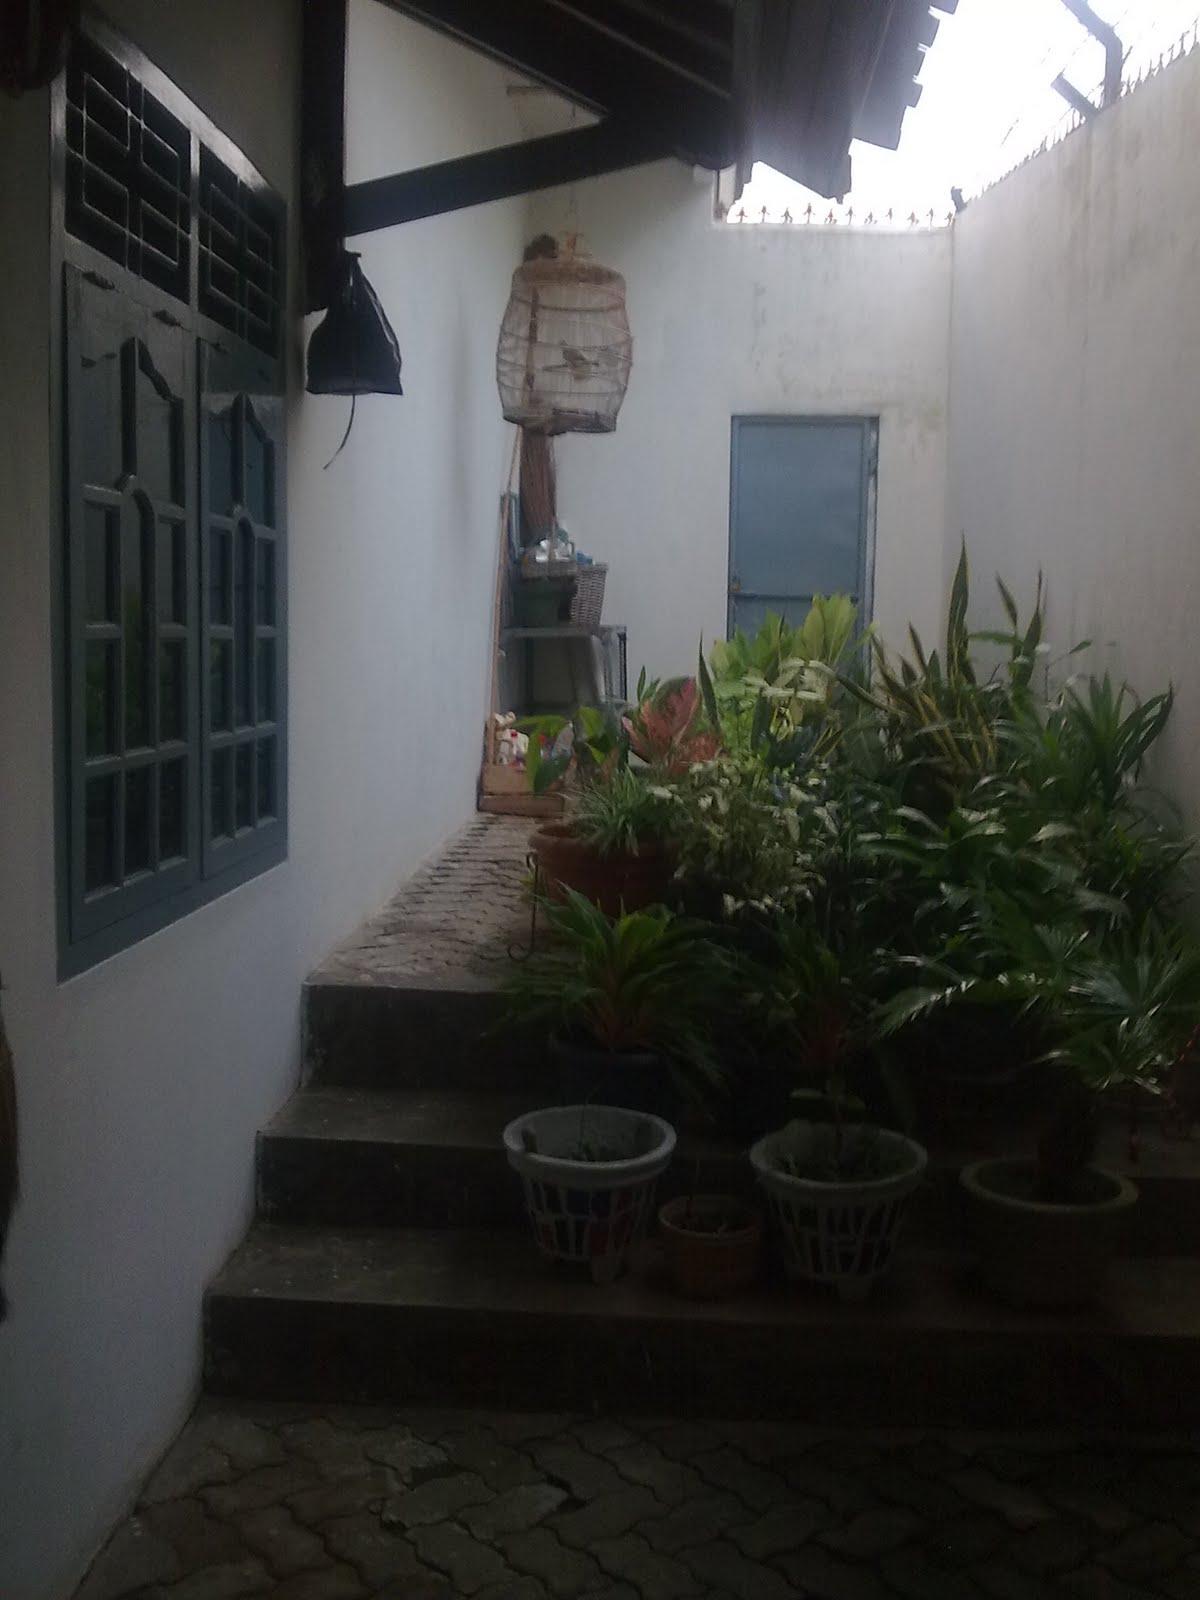 rumah kita pintu samping